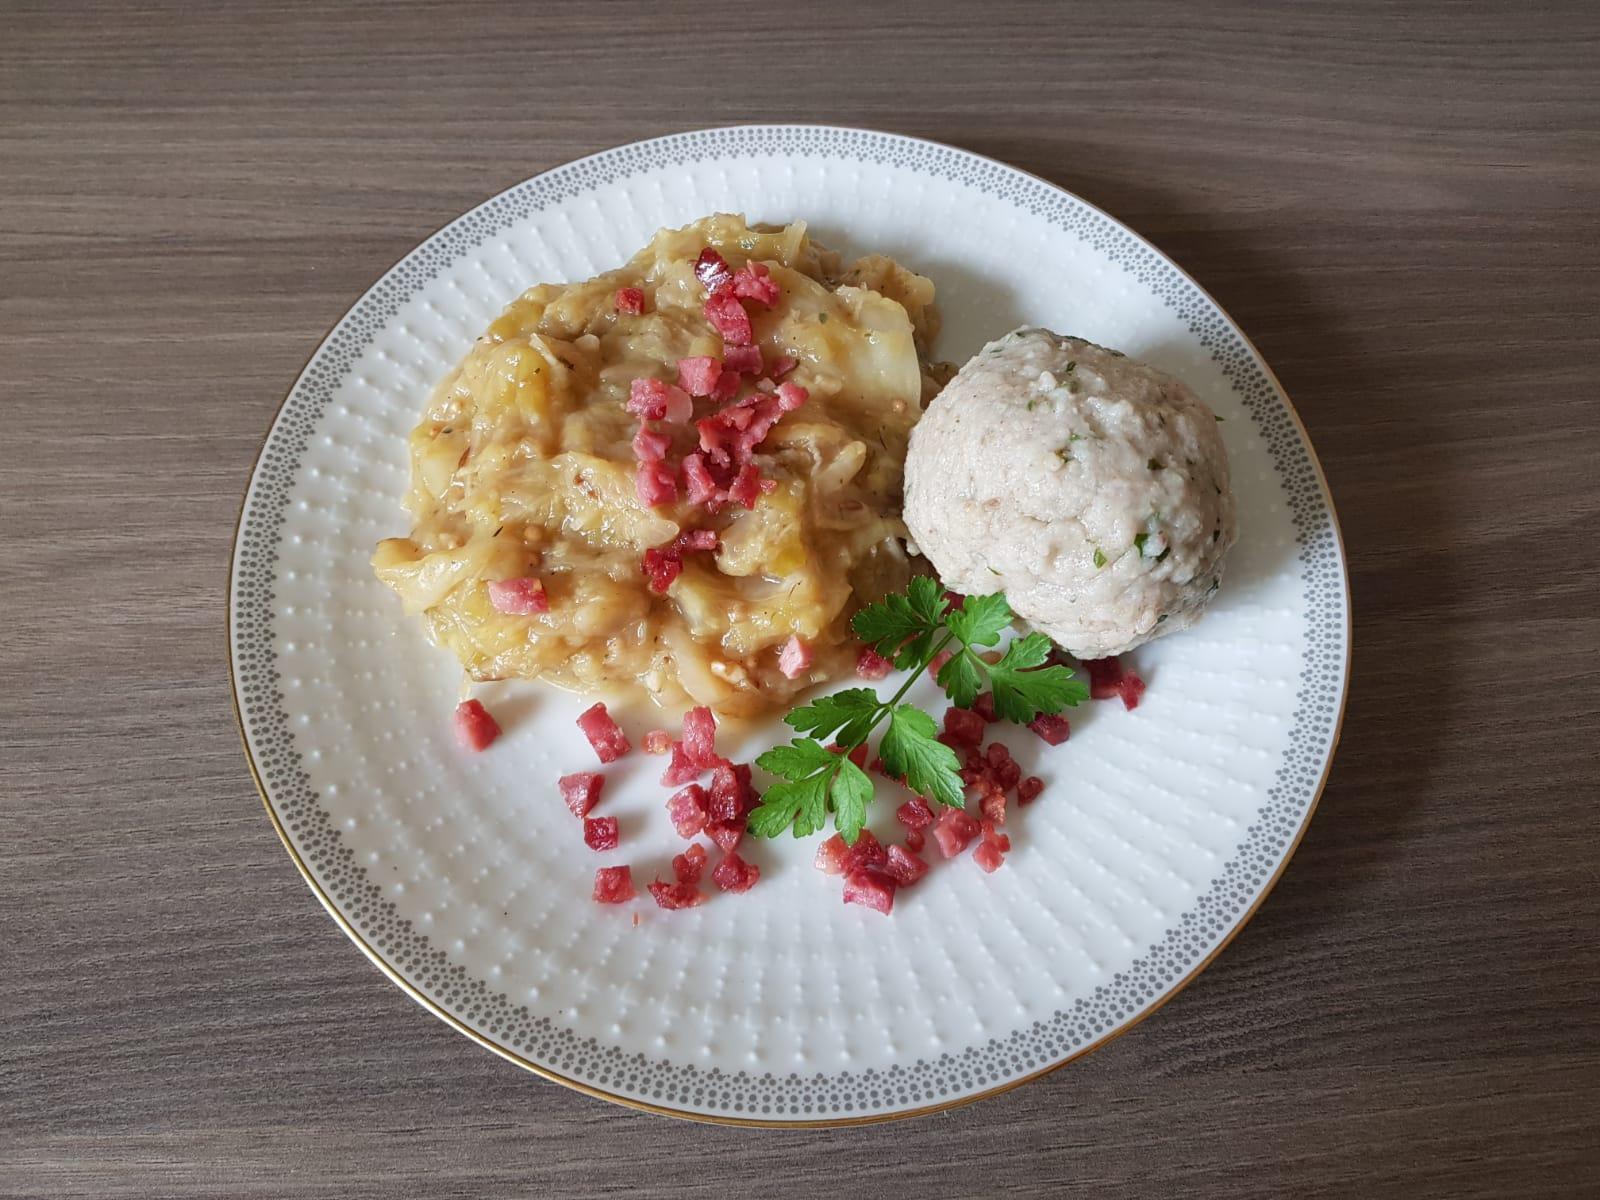 Selbstgemachte Kartoffelknödel mit Kraut und Speck